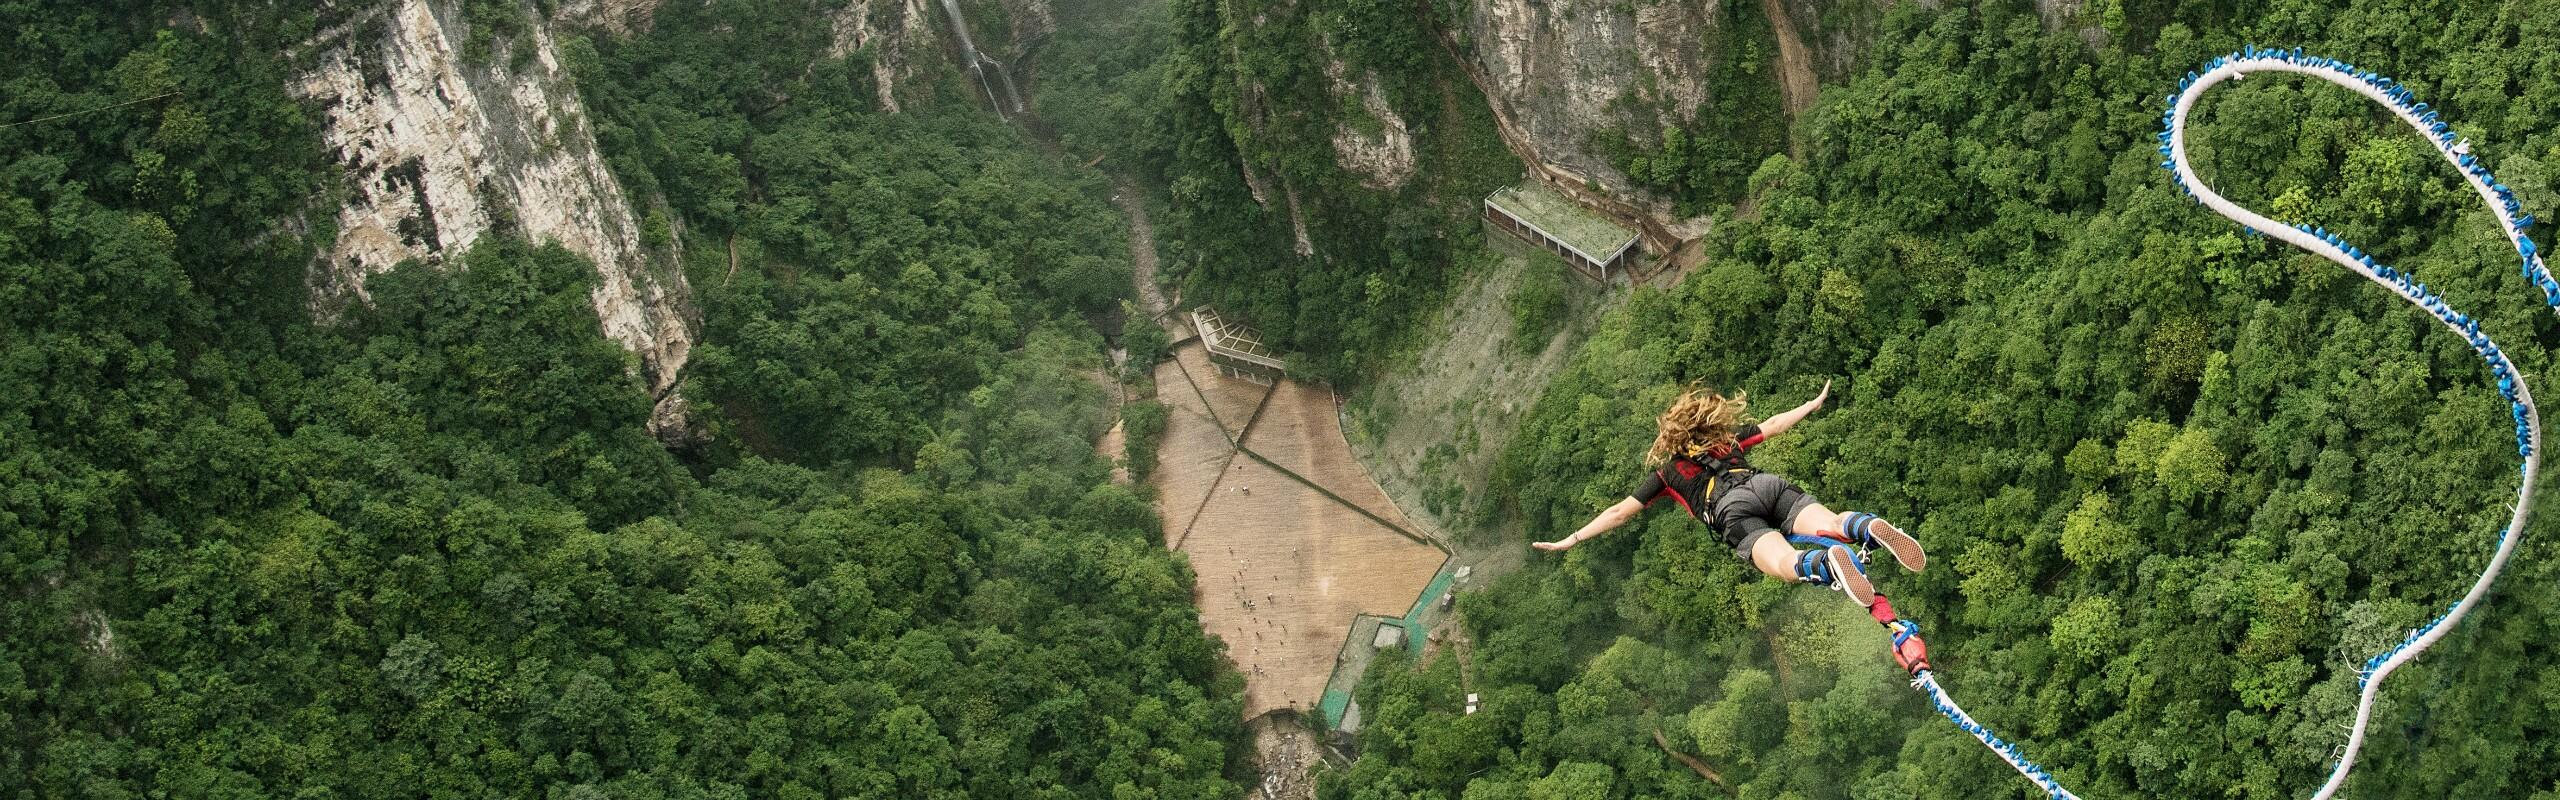 5-Day Zhangjiajie Hiking and Biking Tour for Any Level